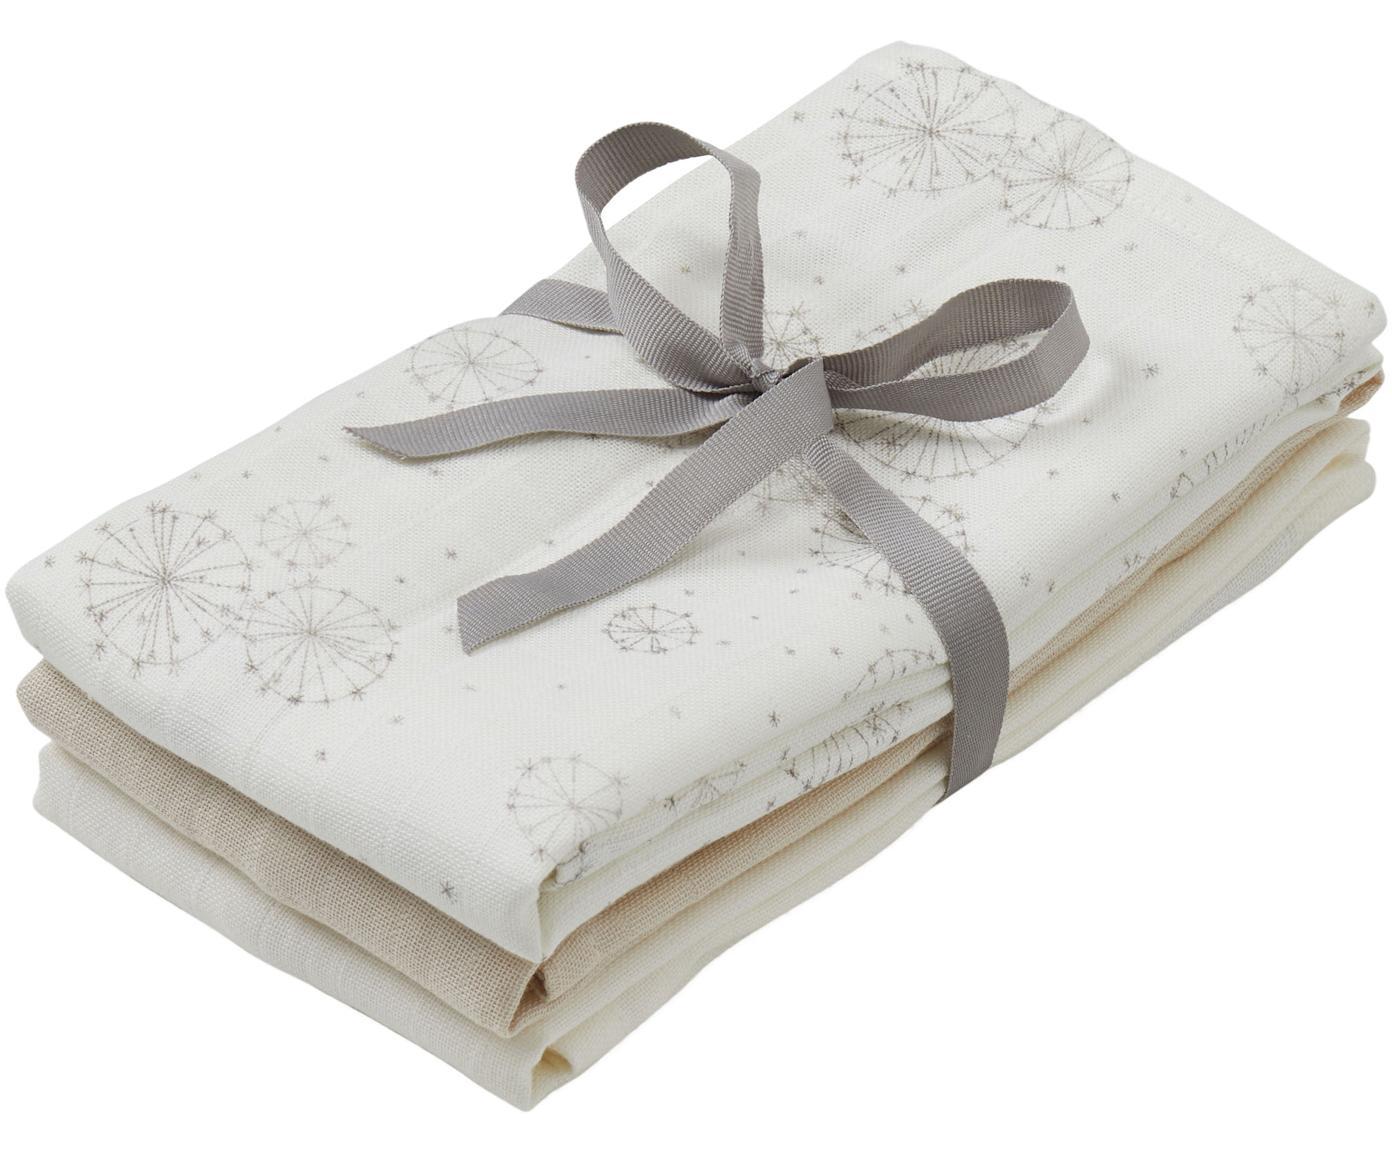 Mulltücher-Set Dandelion aus Bio-Baumwolle, 3-tlg., Bio-Baumwolle, GOTS-zertifiziert, Weiss, Beige, Creme, 70 x 70 cm